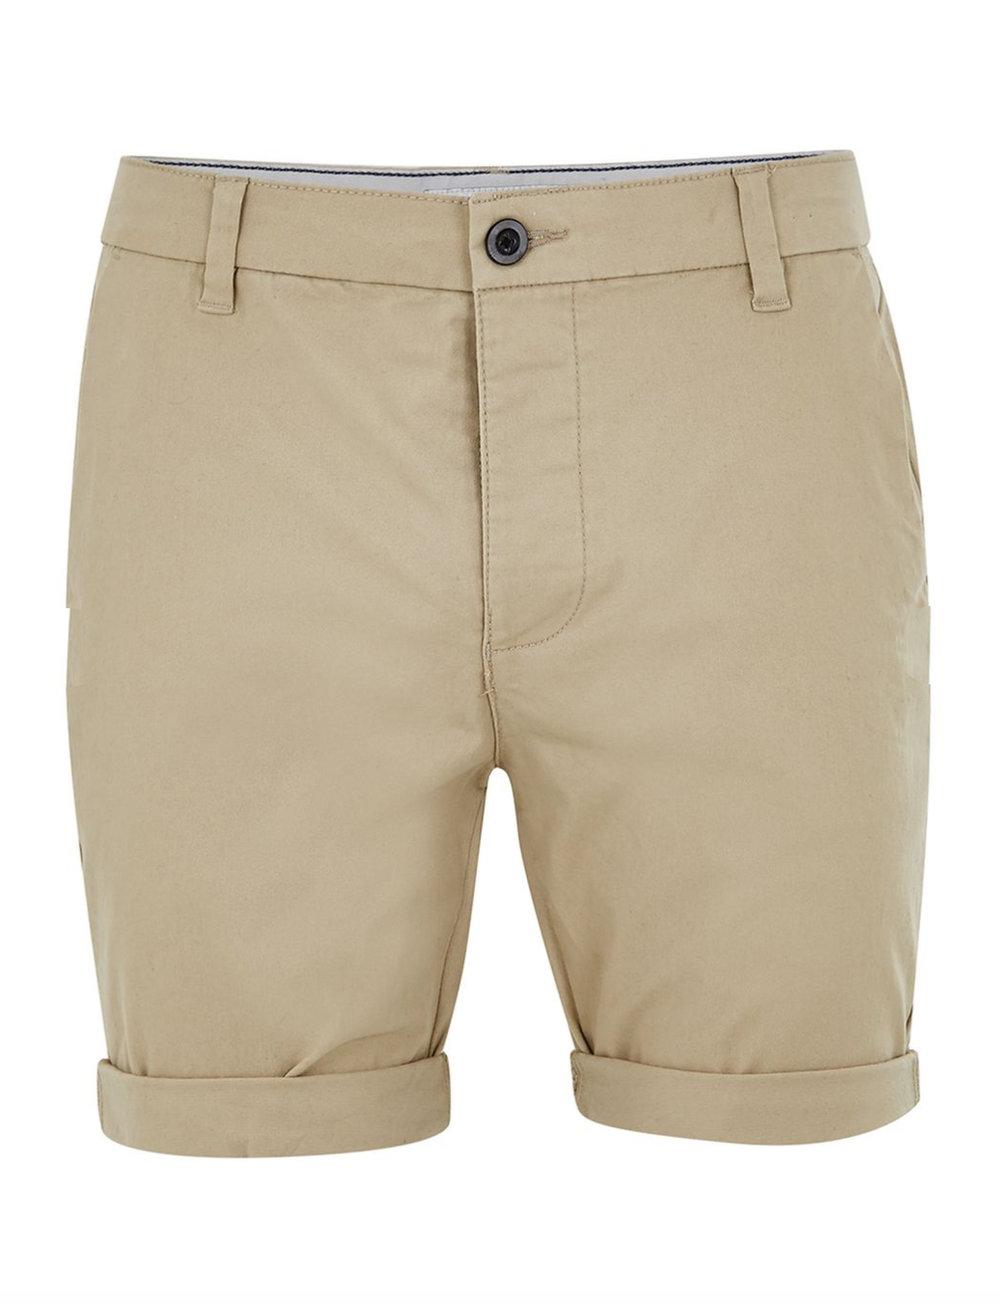 Stone Stretch Skinny Chino Shorts - ($40)